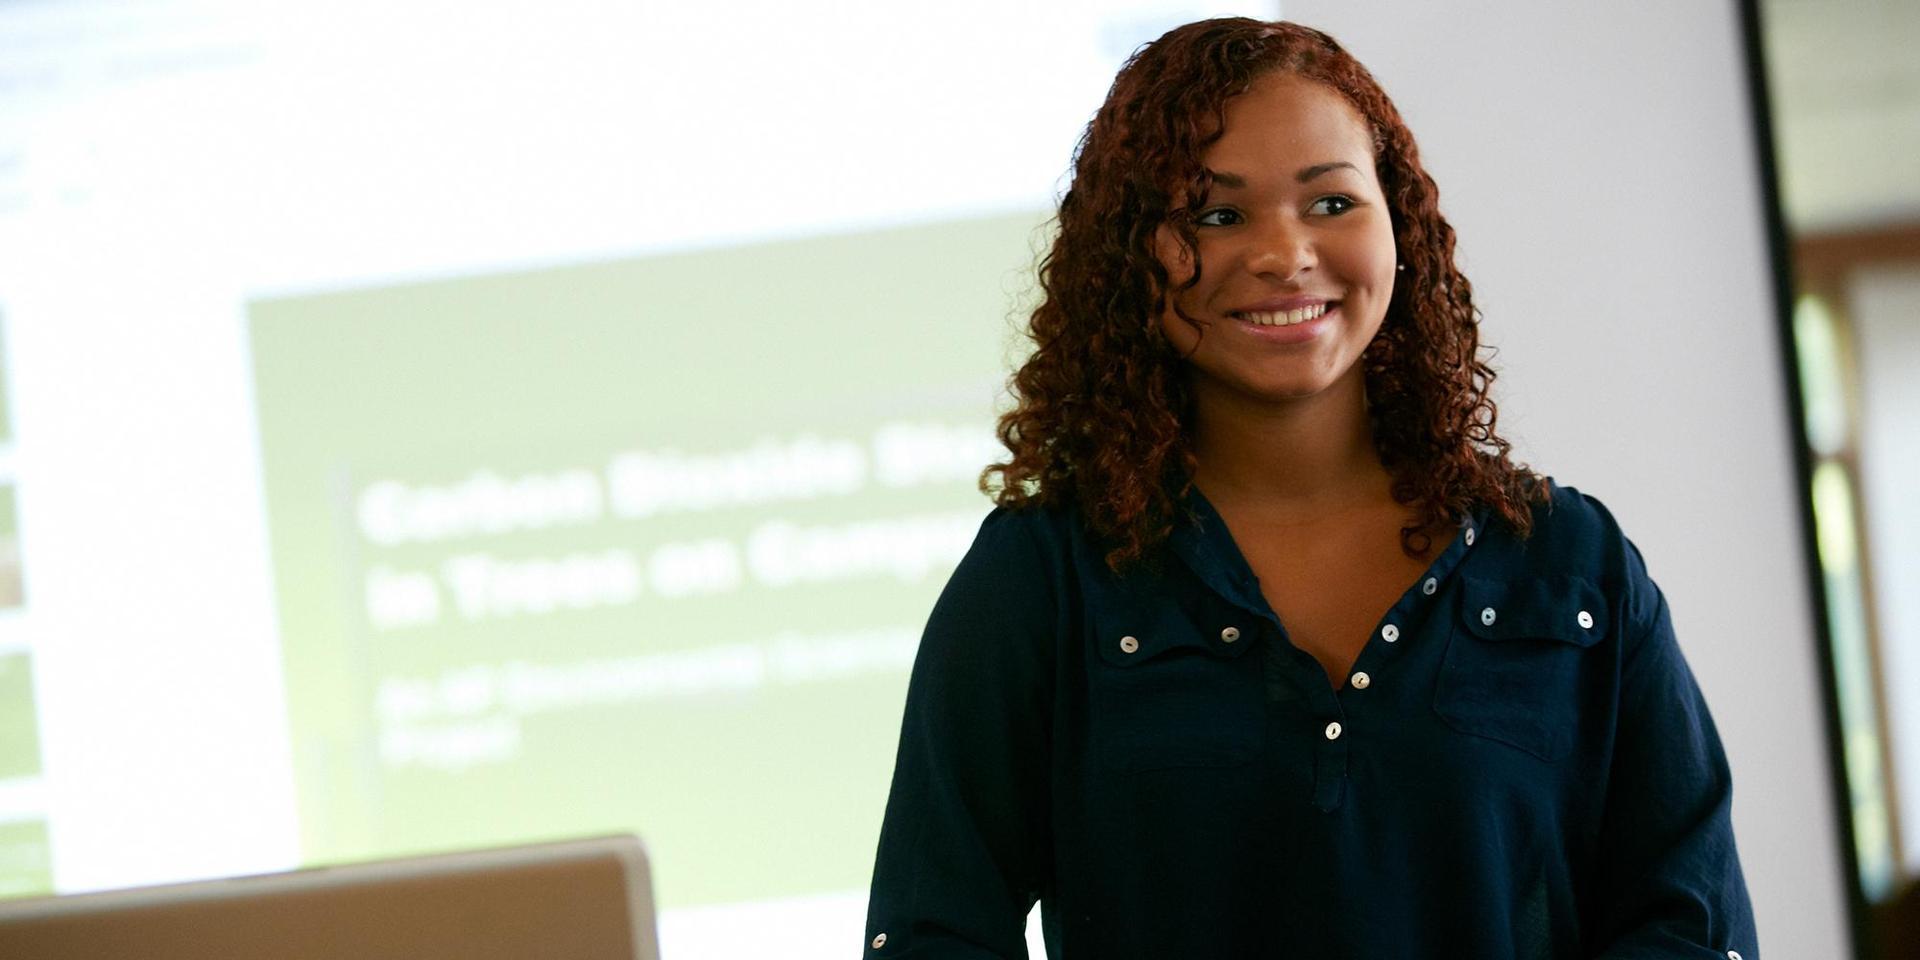 一个学生用投影仪展示她的激光雷达项目.